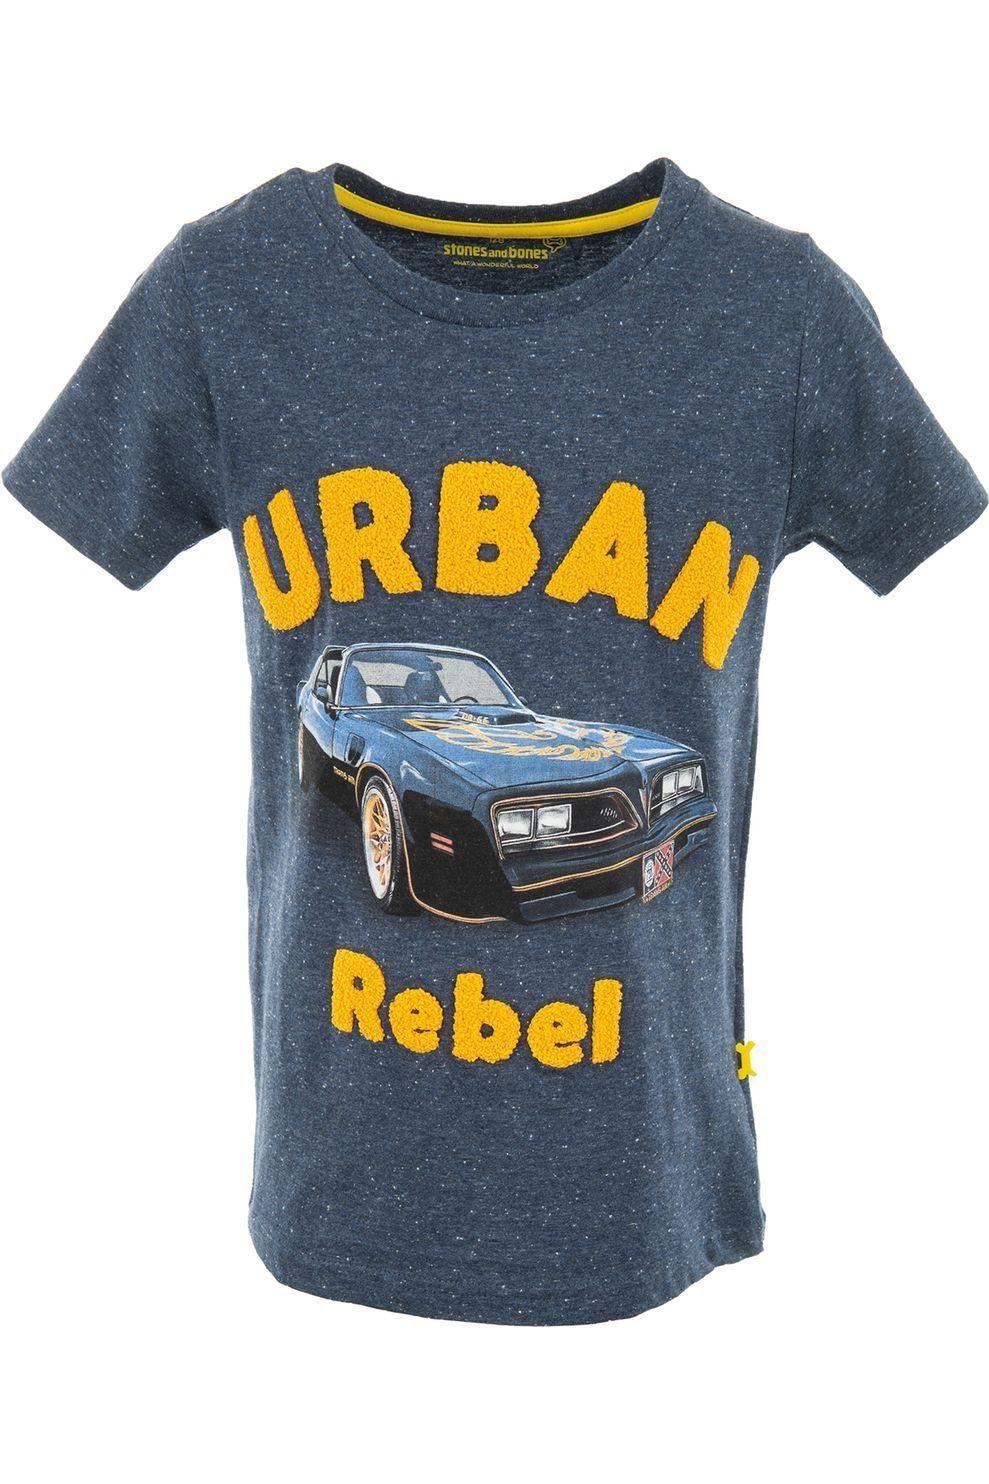 STONES and BONES T-Shirt Russell - Urban Rebel voor jongens - Blauw - Maten: 116, 128, 140, 152